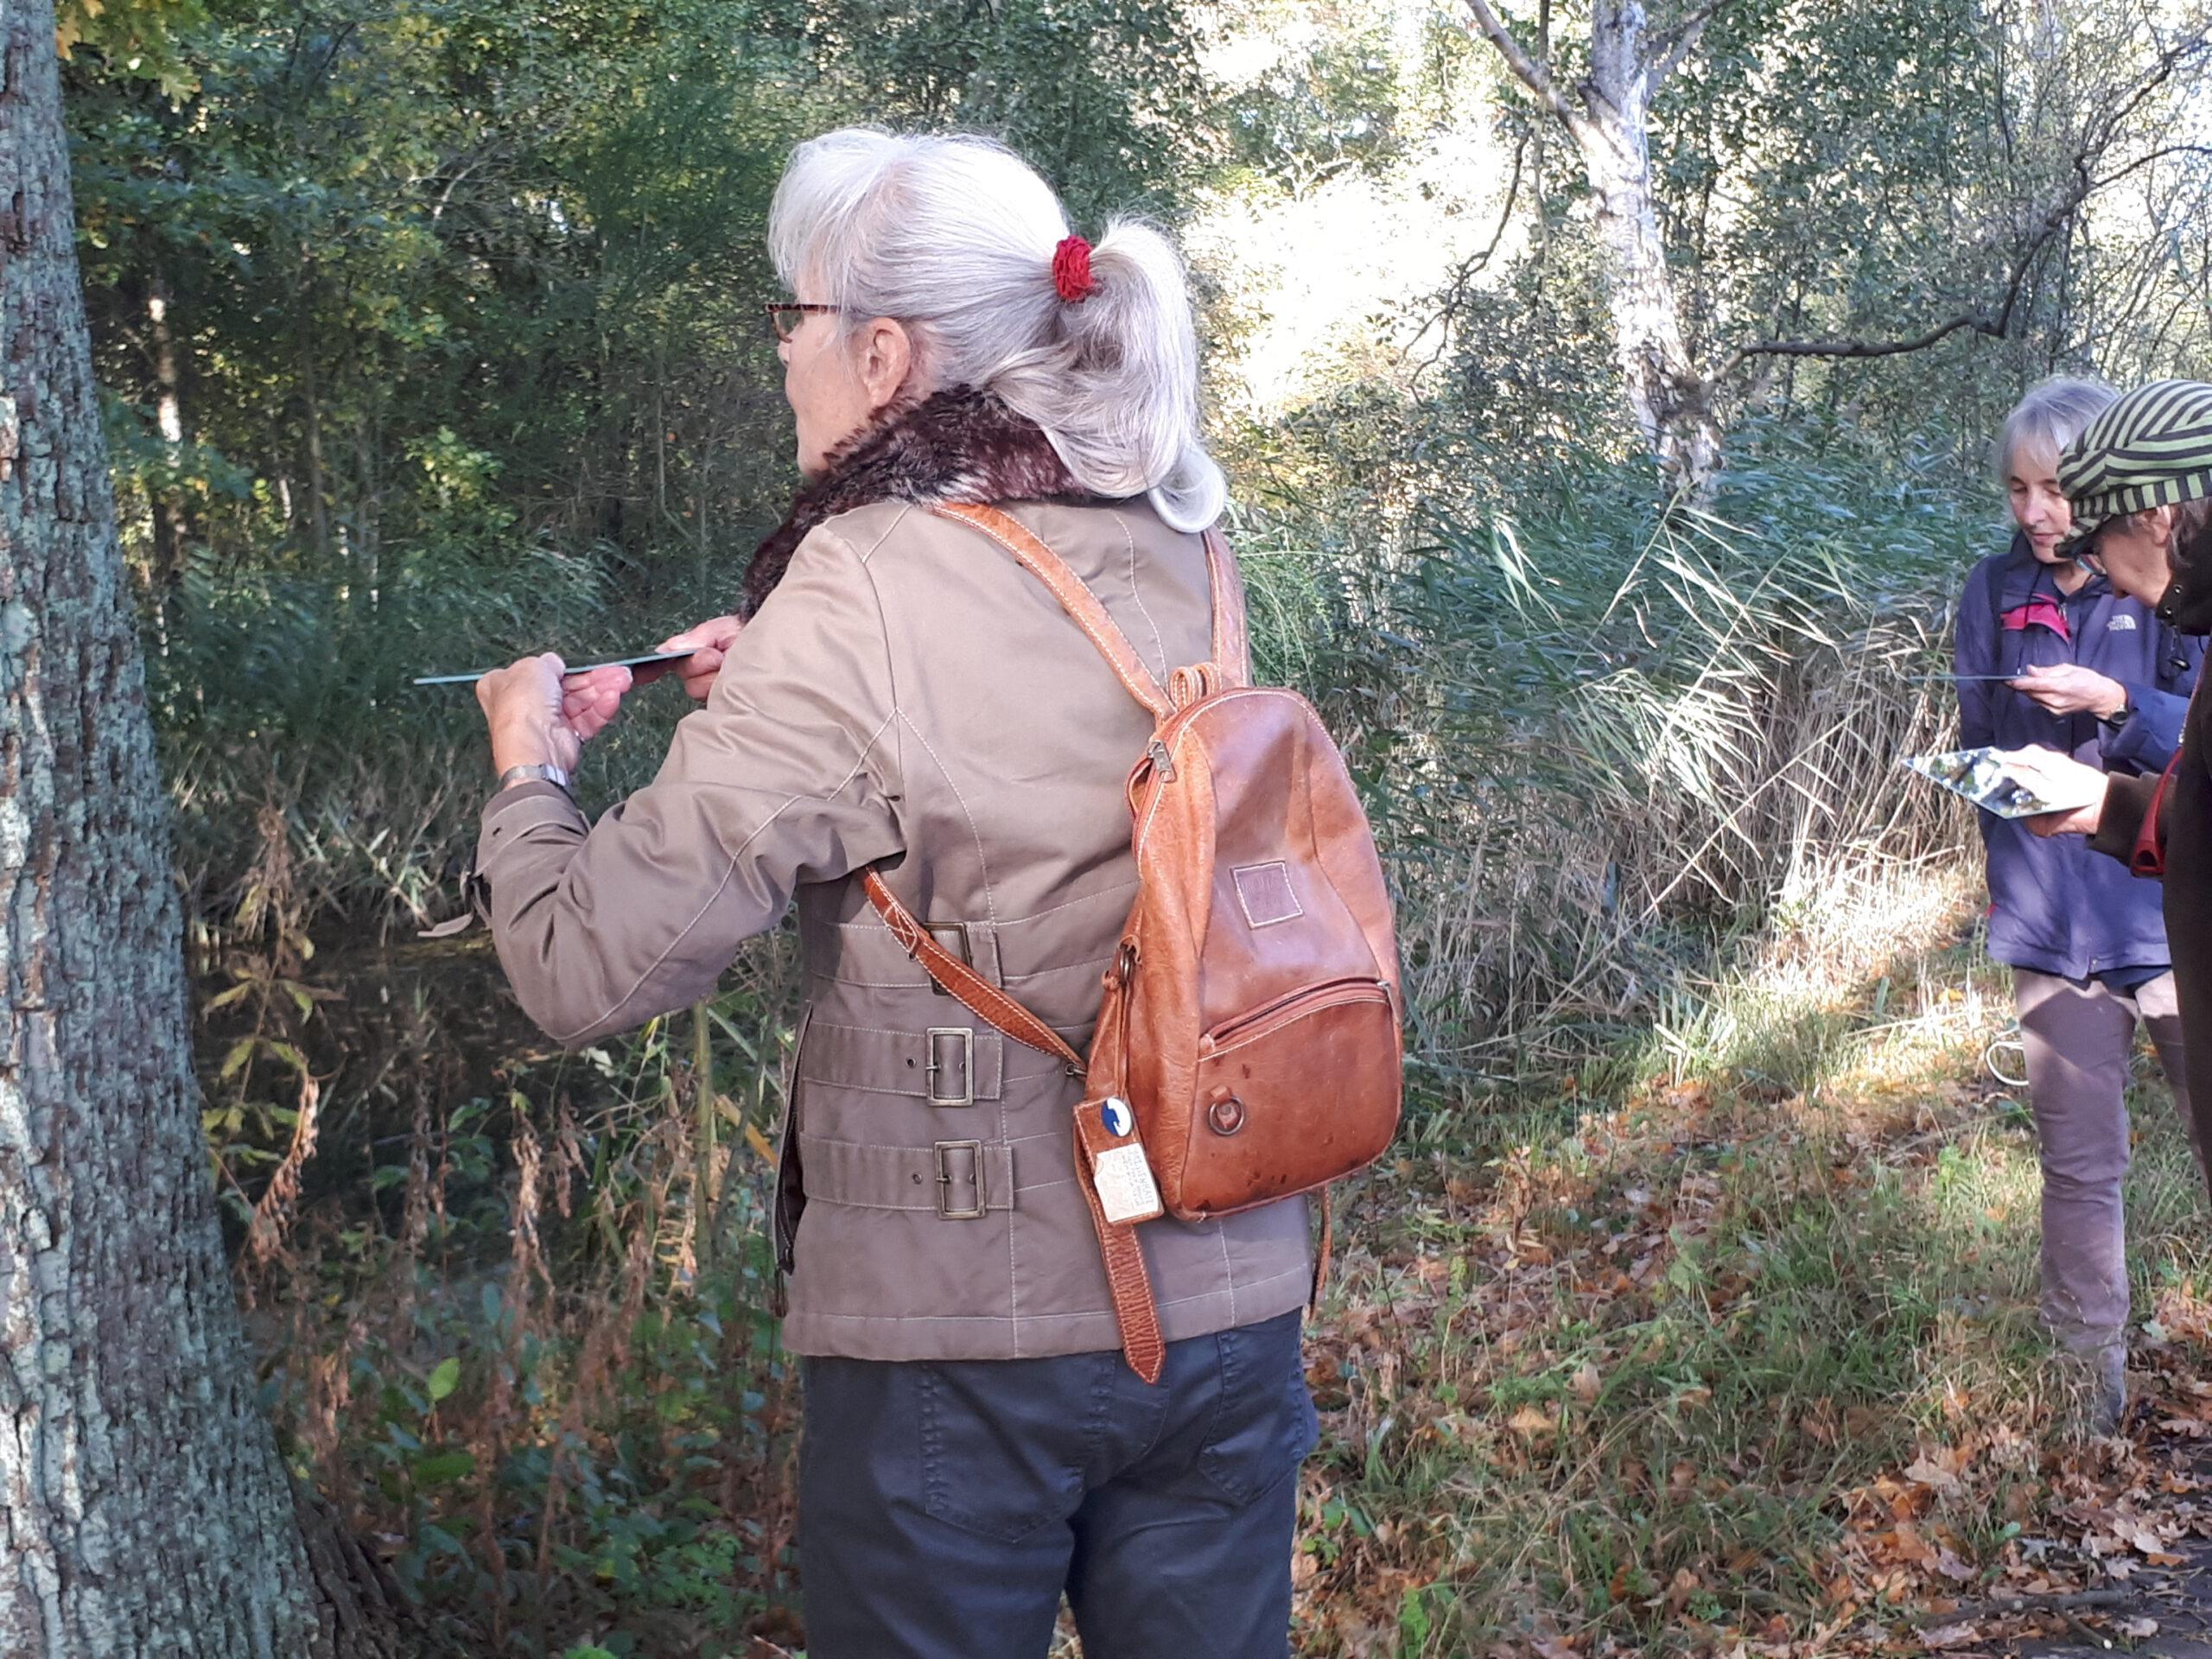 Natuur beleven in Heempark, Leiden, donderdag 22 oktober